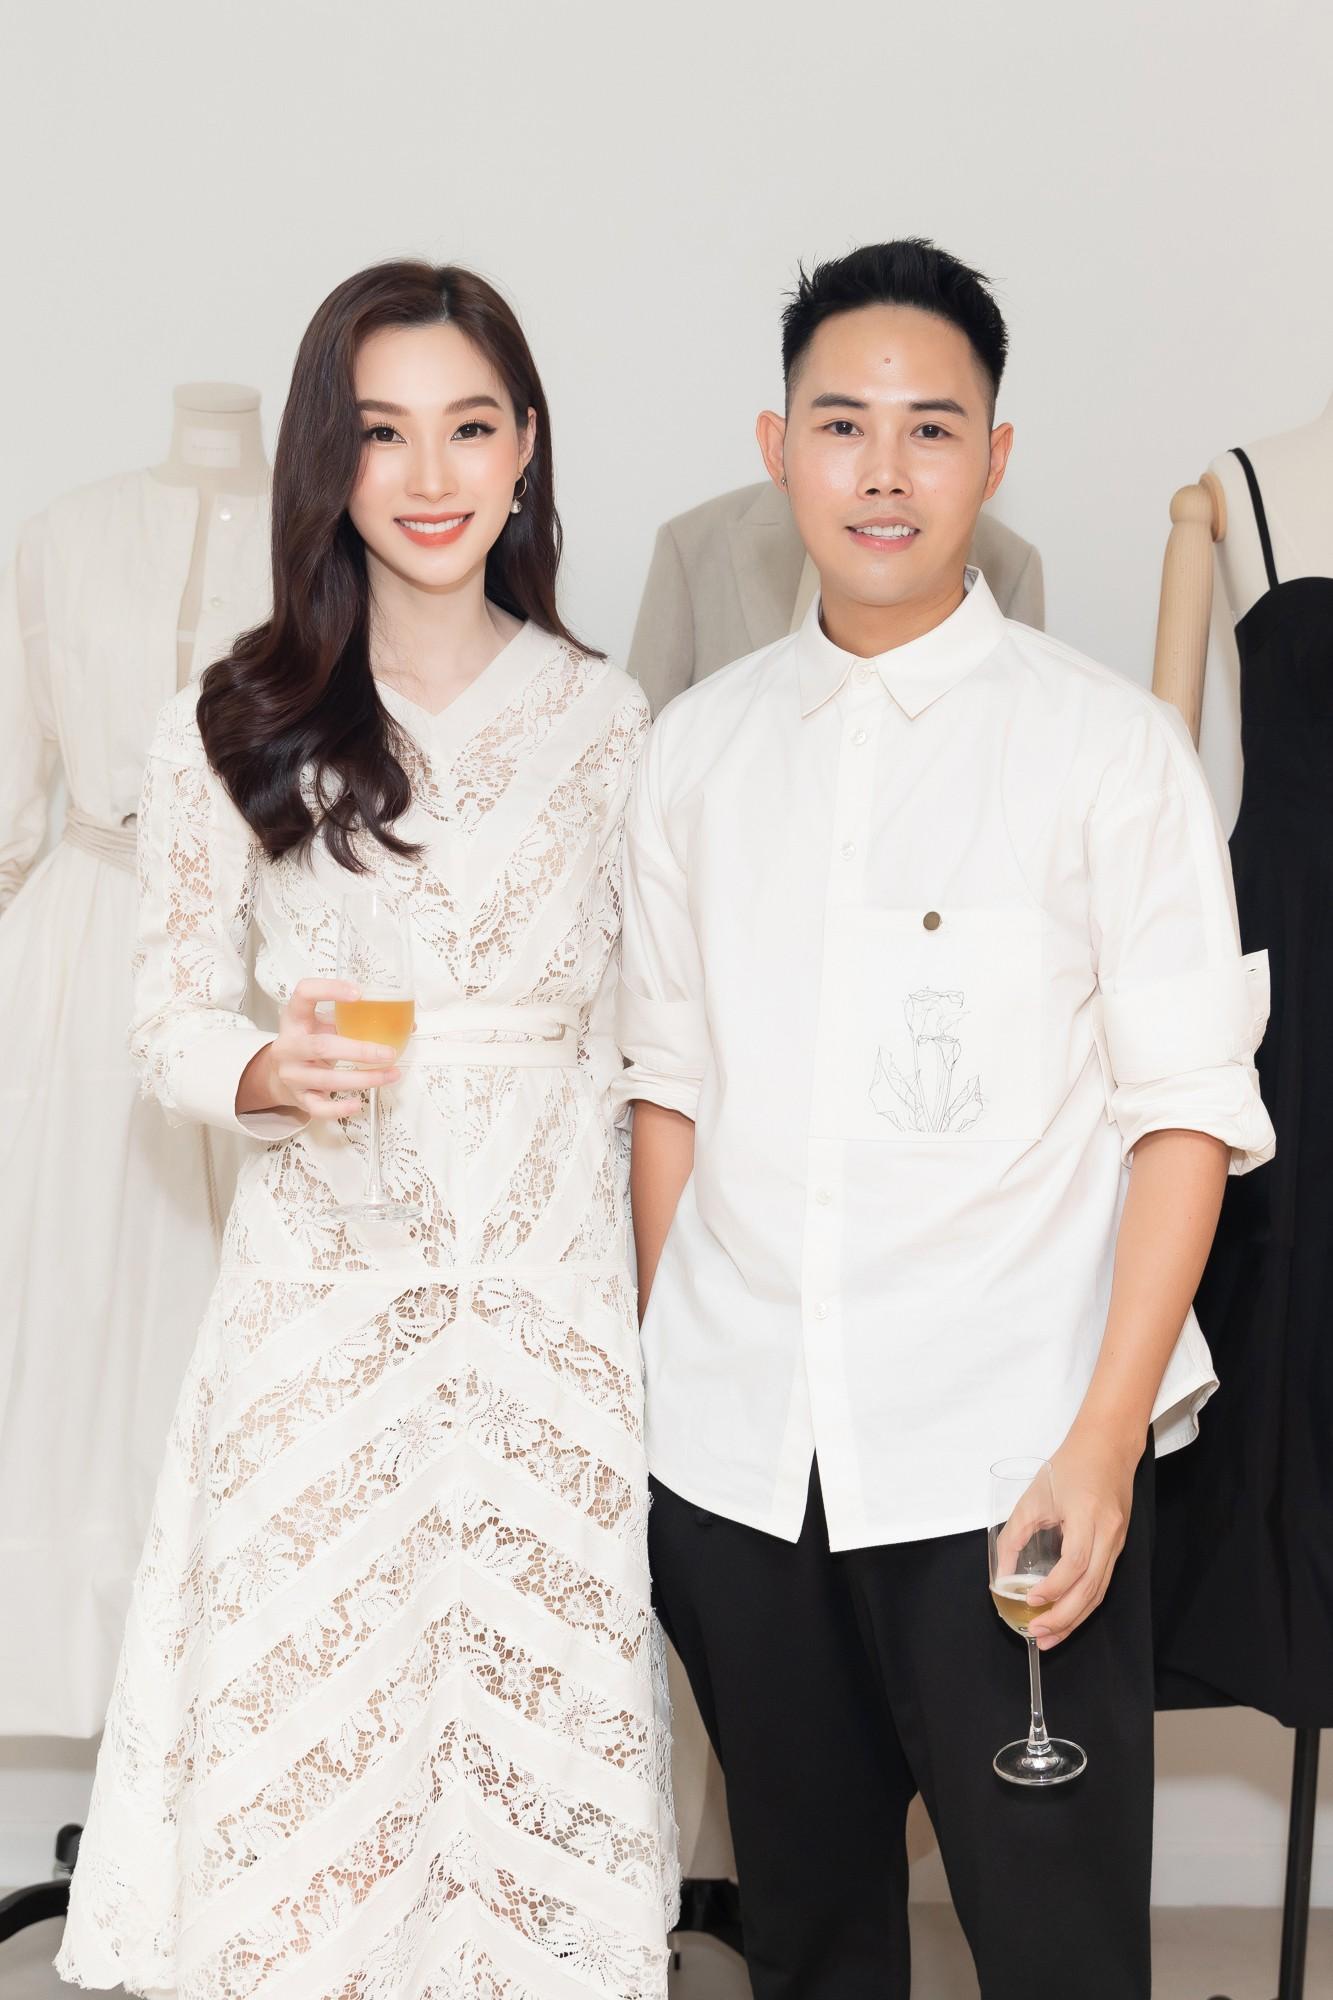 Đều là Hoa hậu Việt Nam mà xuất hiện chung một sự kiện mới thấy Thu Thảo - Kỳ Duyên khác nhau thế nào - Ảnh 3.